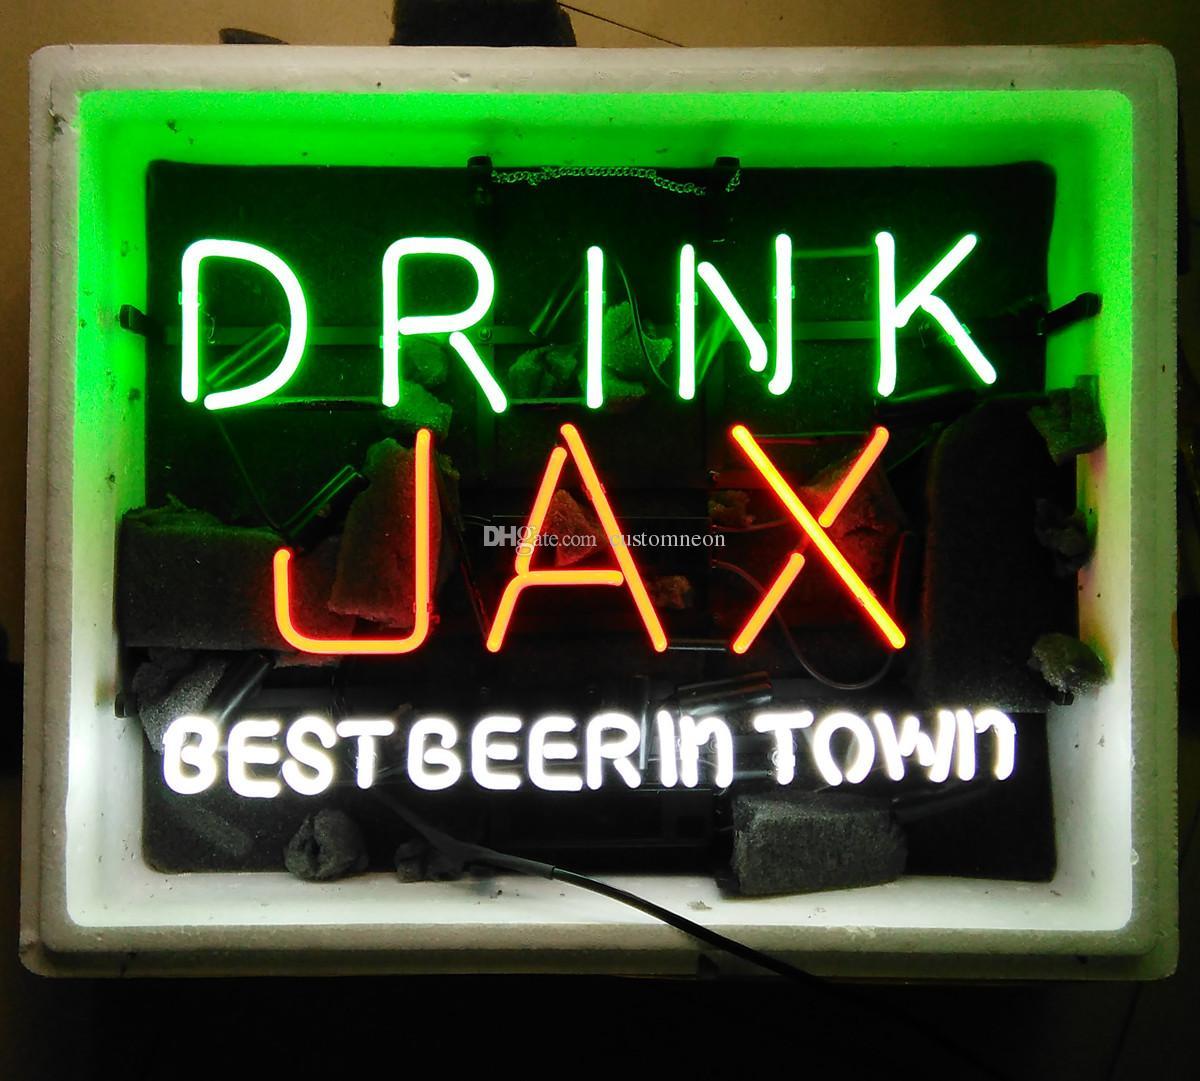 """17 """"x14"""" DRINK JAX meilleure bière dans la ville Neon Light Sign Beer Store Bar Pub Lampe de mur Décor"""